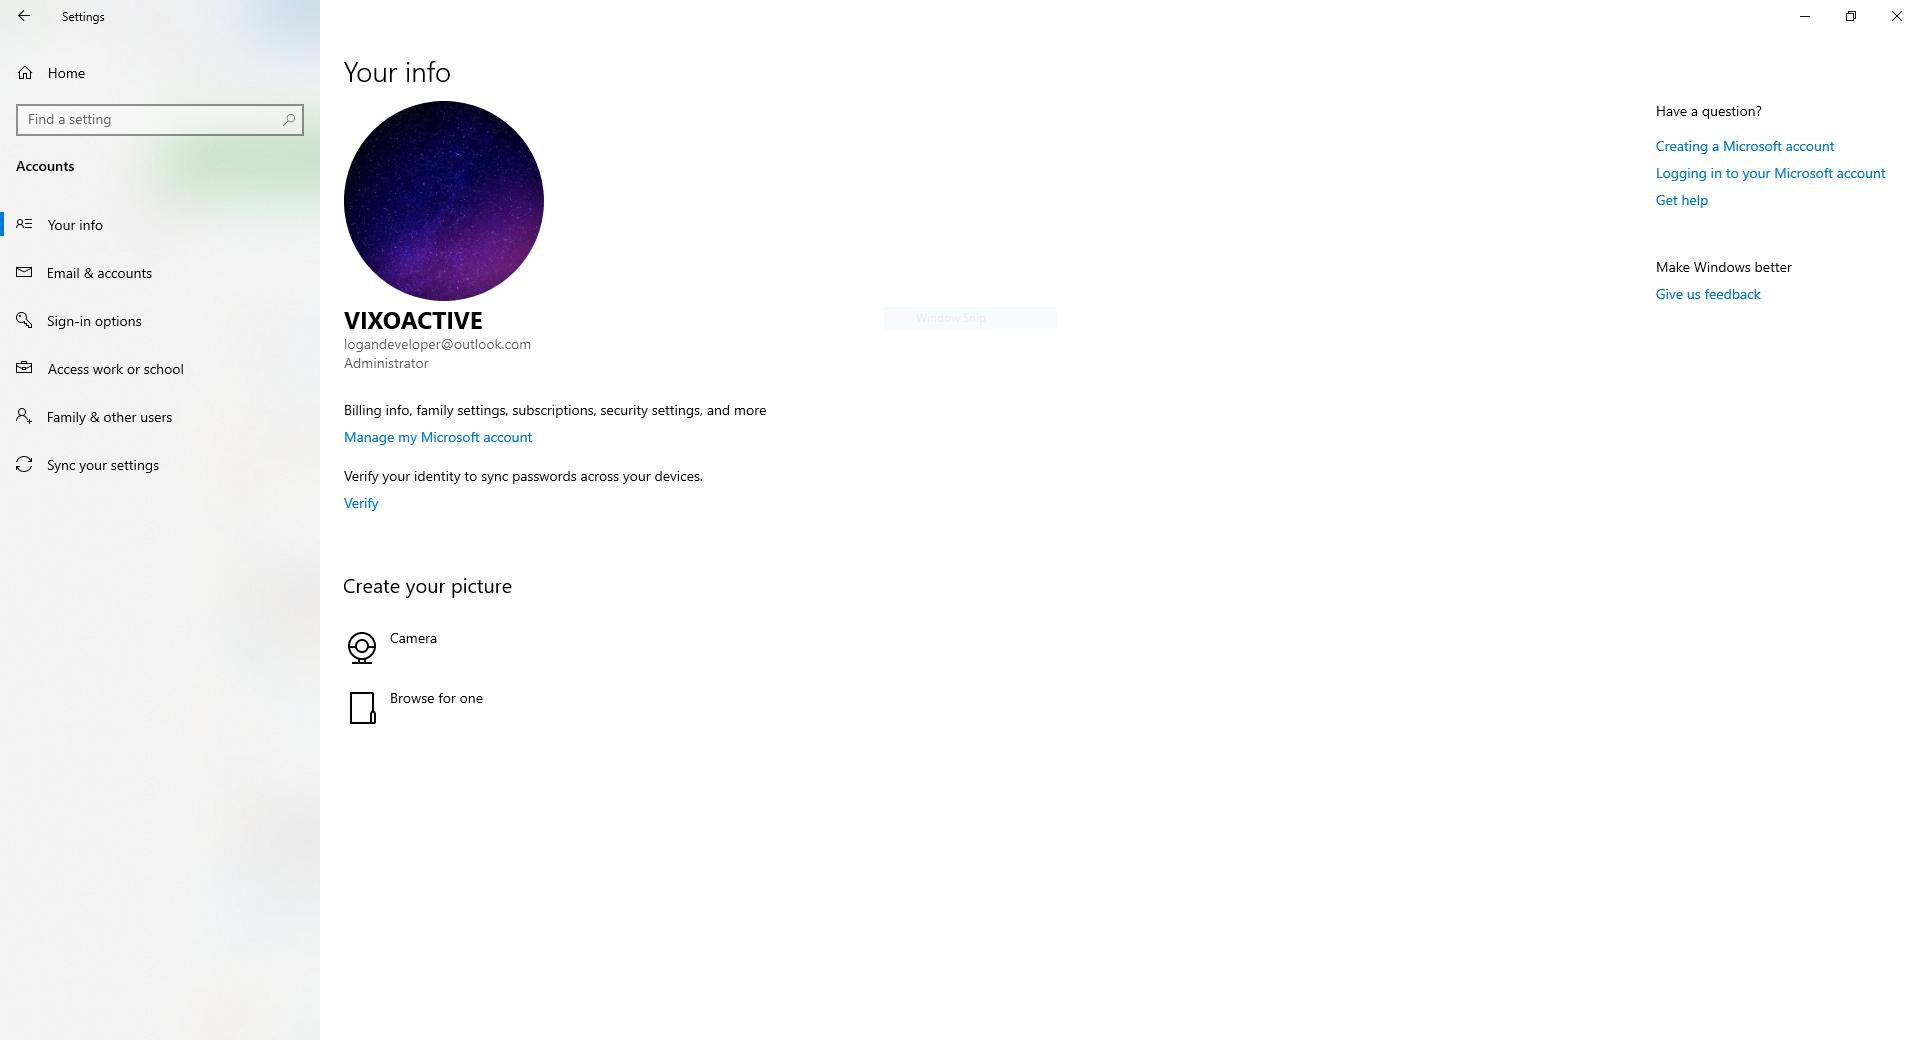 I can't convert a Microsoft account to a local account on Windows 10 1909 717a540f-09da-479b-87a6-7182ca807a6b?upload=true.png